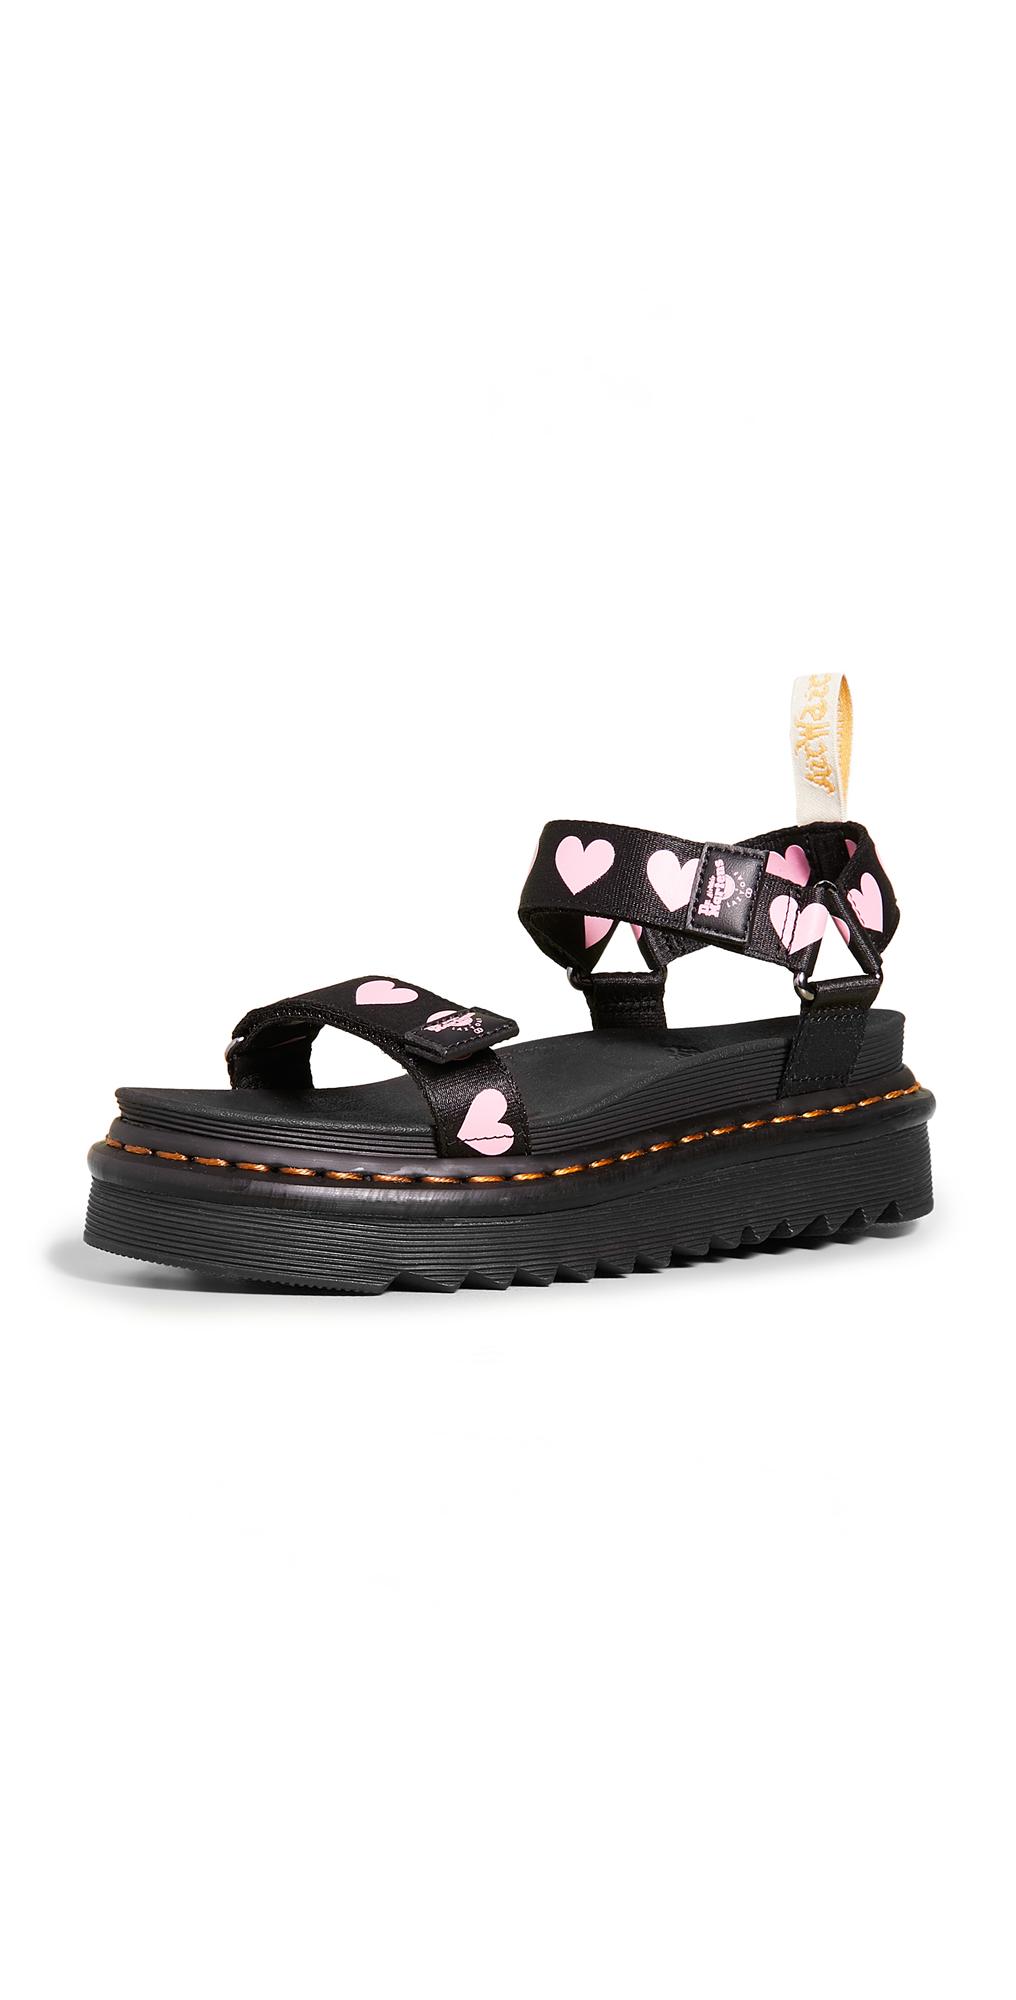 Dr. Martens Vegan Lazy Oaf Sandals